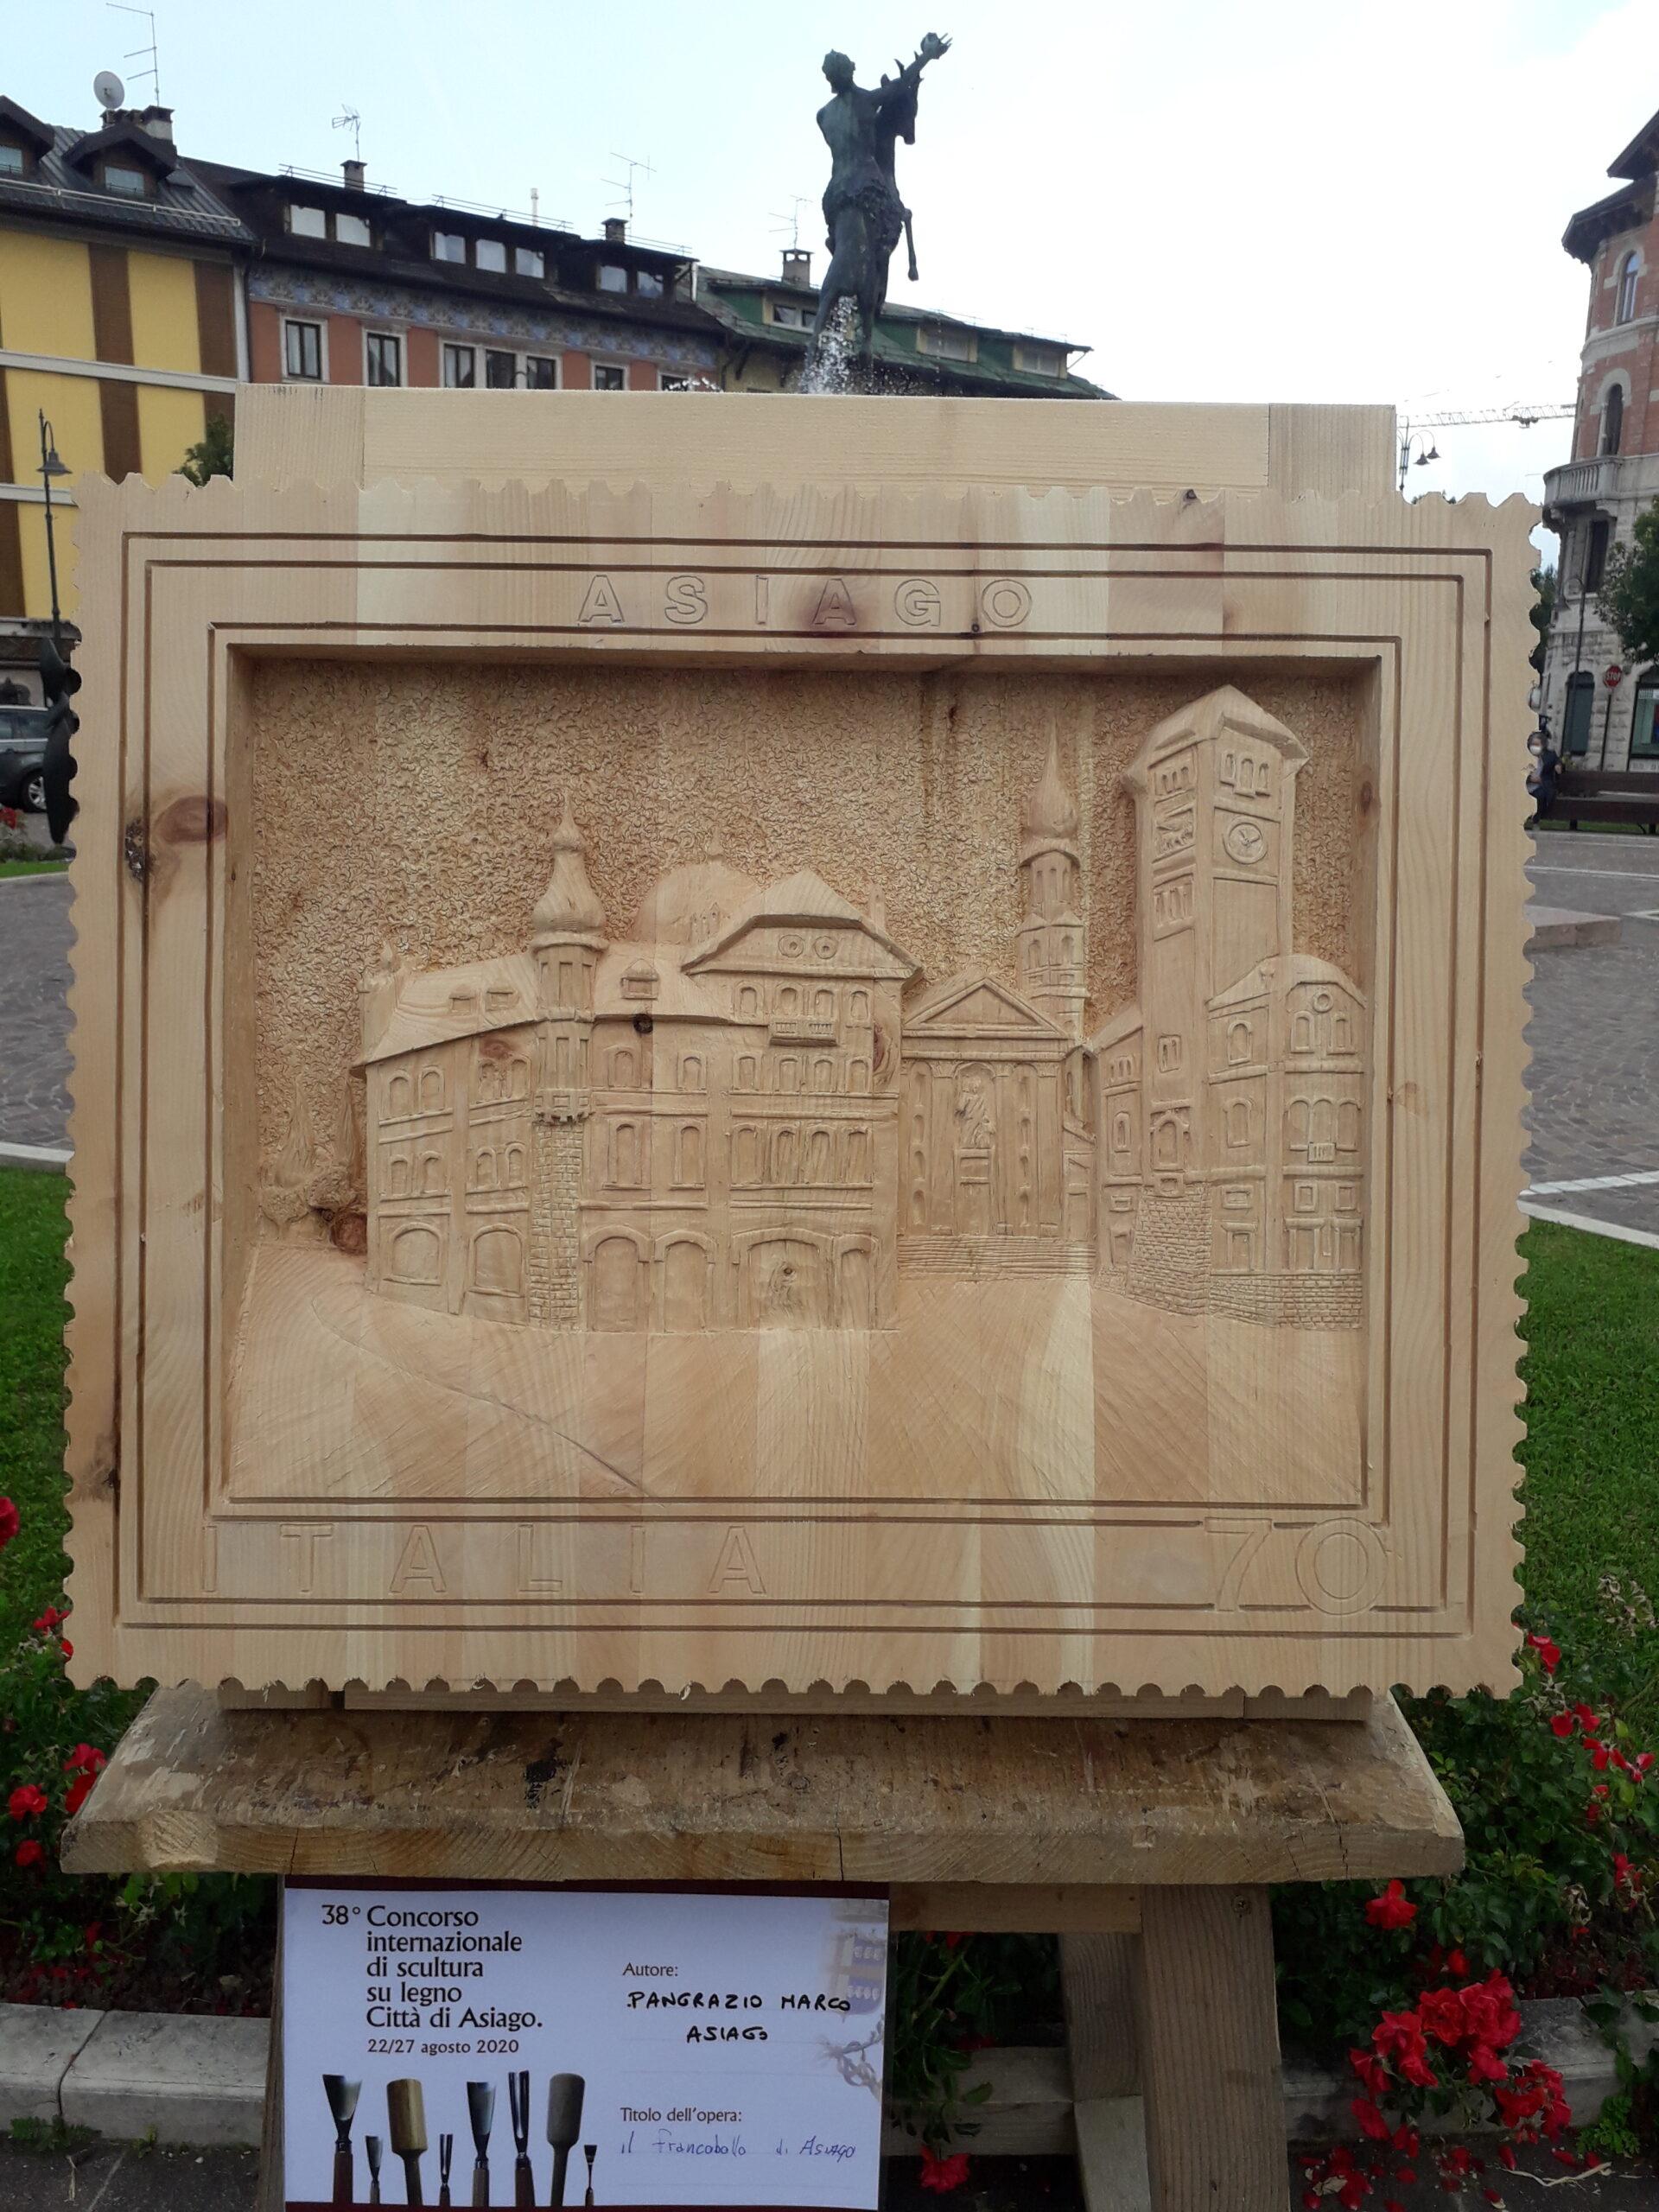 Marco Pongrazio scolpisce su legno il francobollo di Asiago